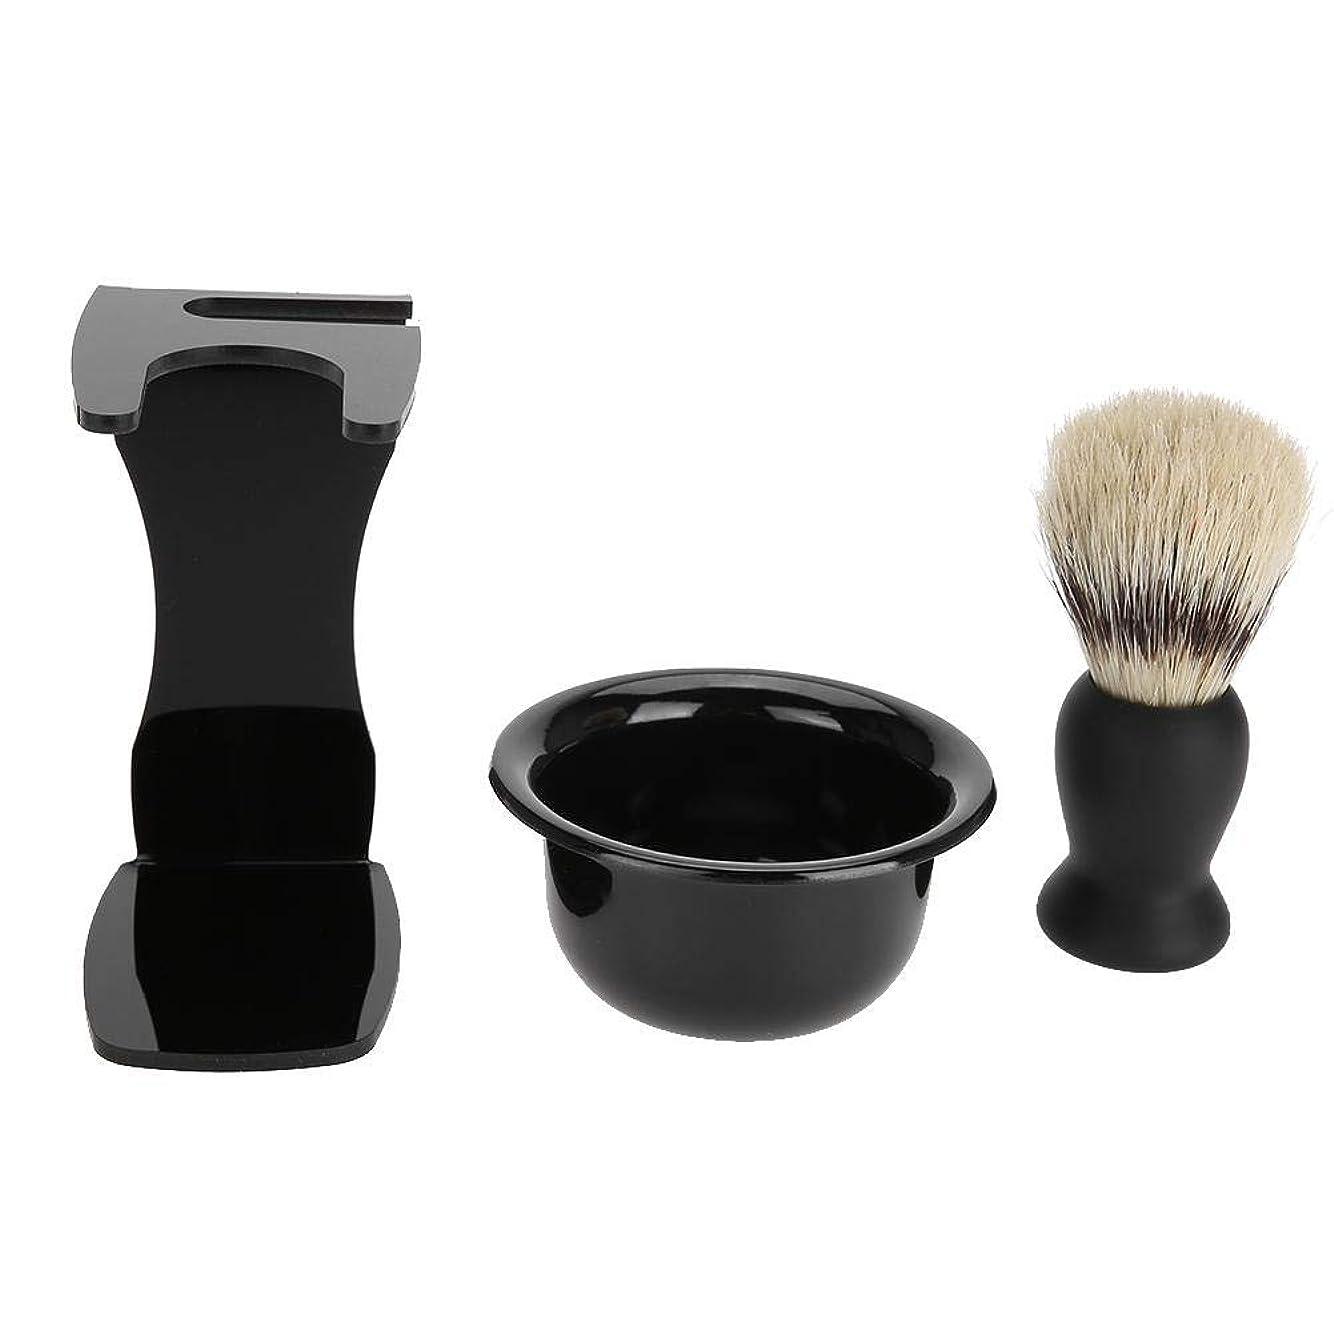 ロケーション作りこっそり3に1メンズシェービングセットブラシスタンドソープボウル髭剃りホルダーアクリルクリーニングツール